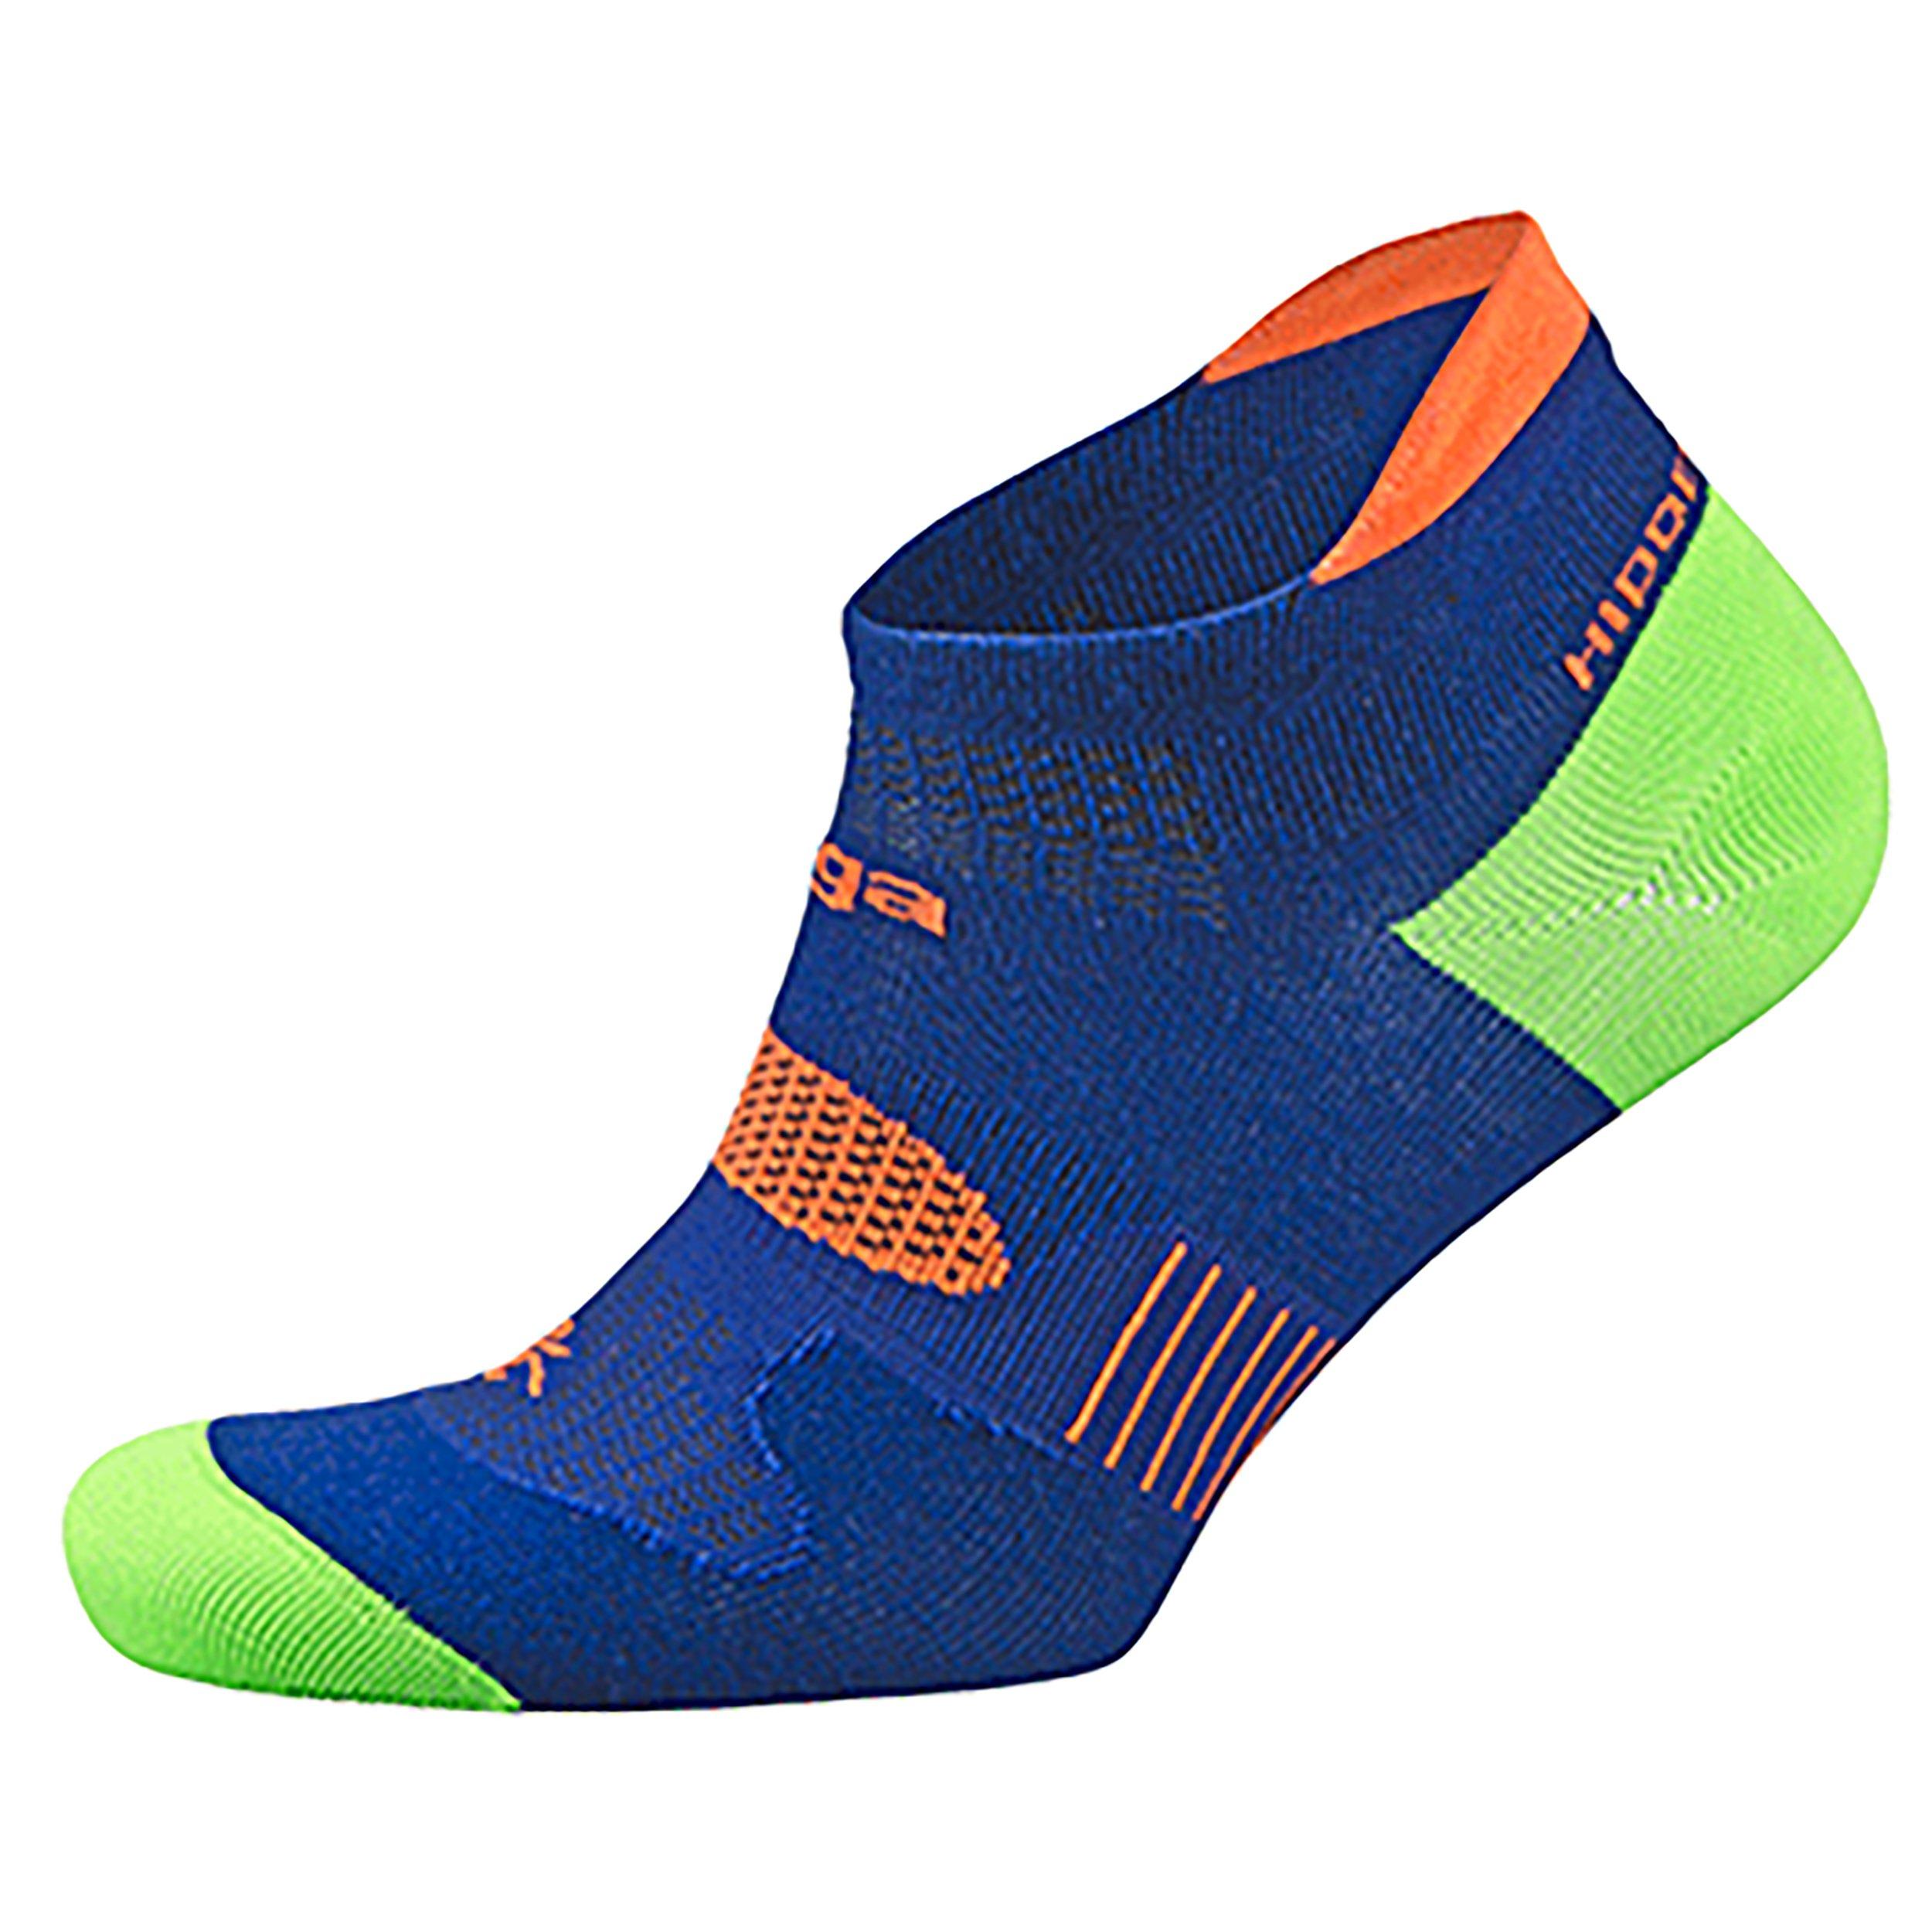 Balega Hidden Dry Moisture-Wicking Socks For Men and Women (1 Pair), Royal Blue, Small by Balega